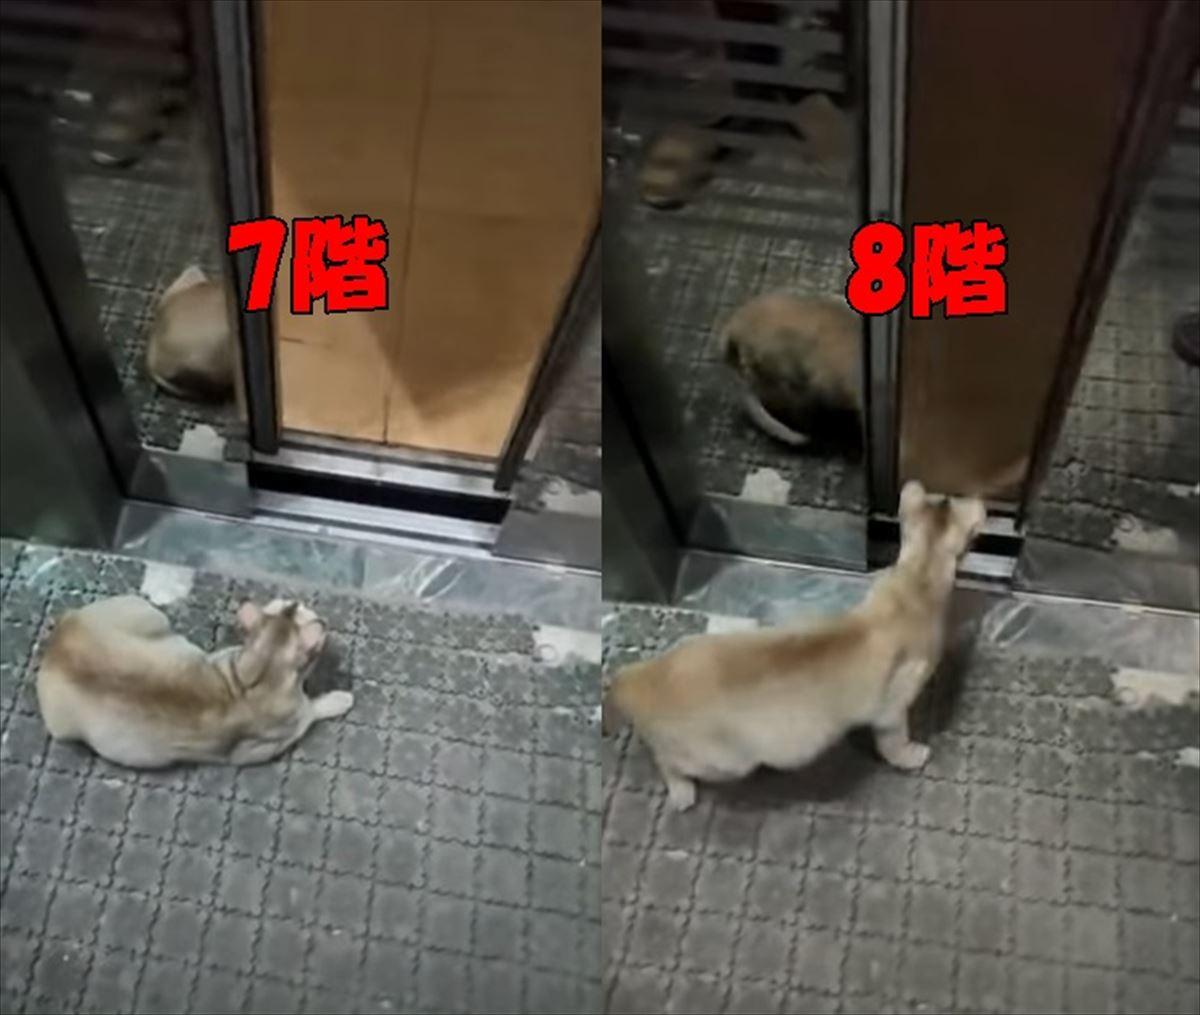 自分の住んでいる階数を把握している賢い猫ちゃんが凄い!